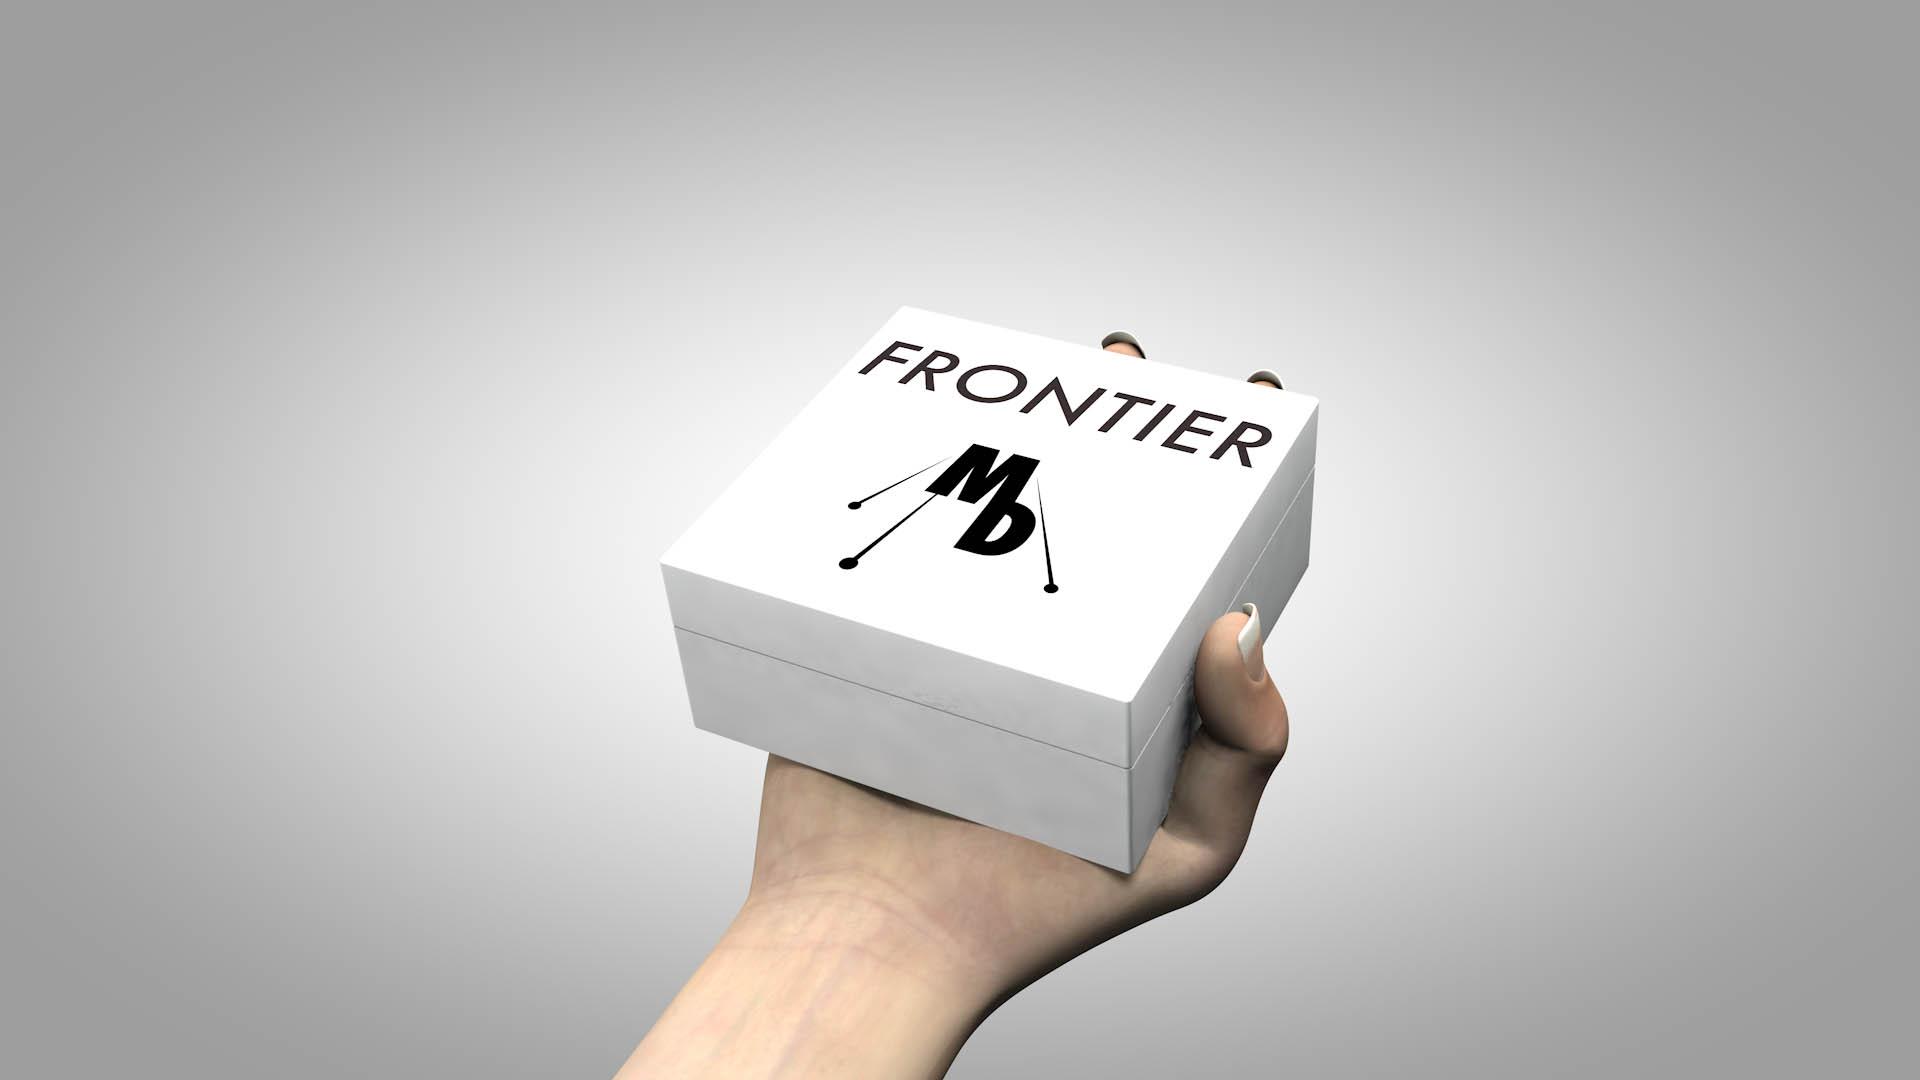 Master Dynamic: Frontier (still), 2016